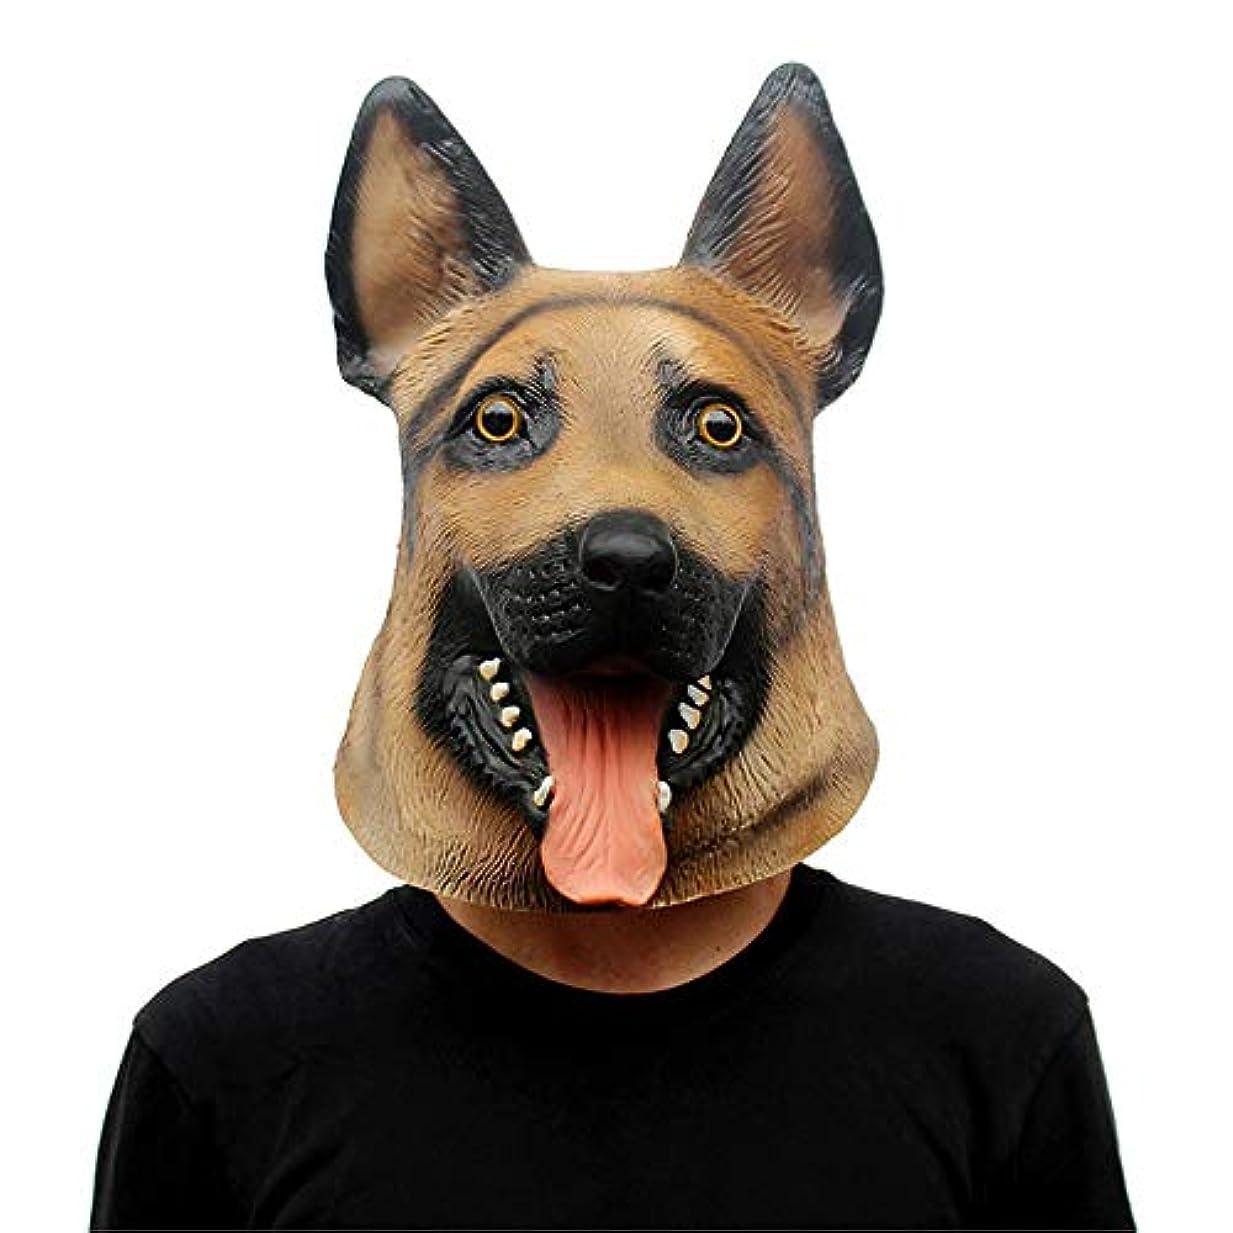 犯す選挙ルアー柴犬マスクラテックスマスクハロウィンコスプレ小道具犬ヘッドマスク